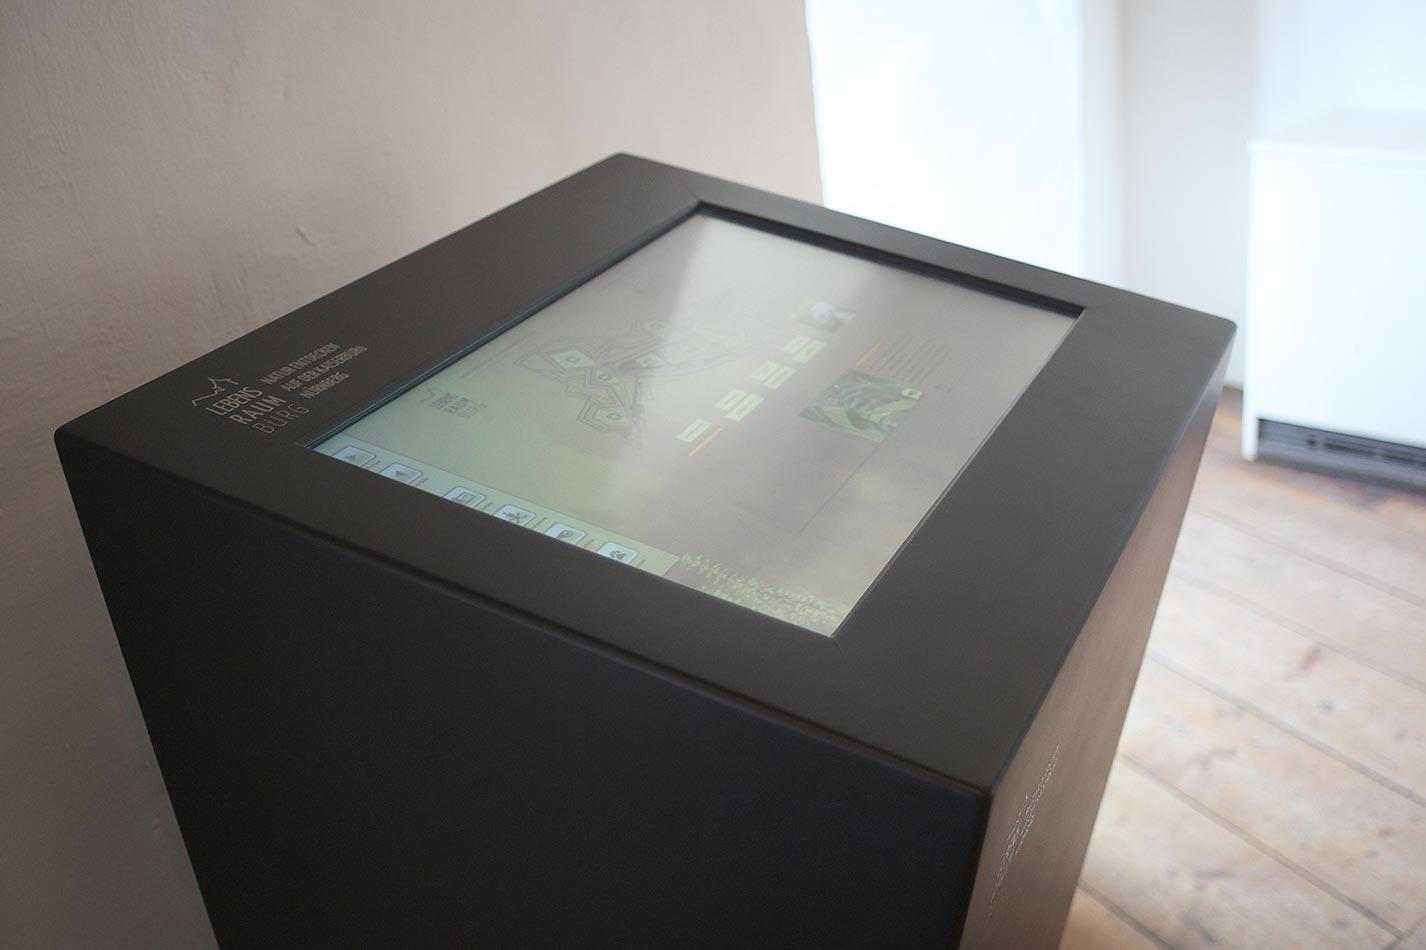 Touchscreen Stele mit einem Touchscreen eingelassen